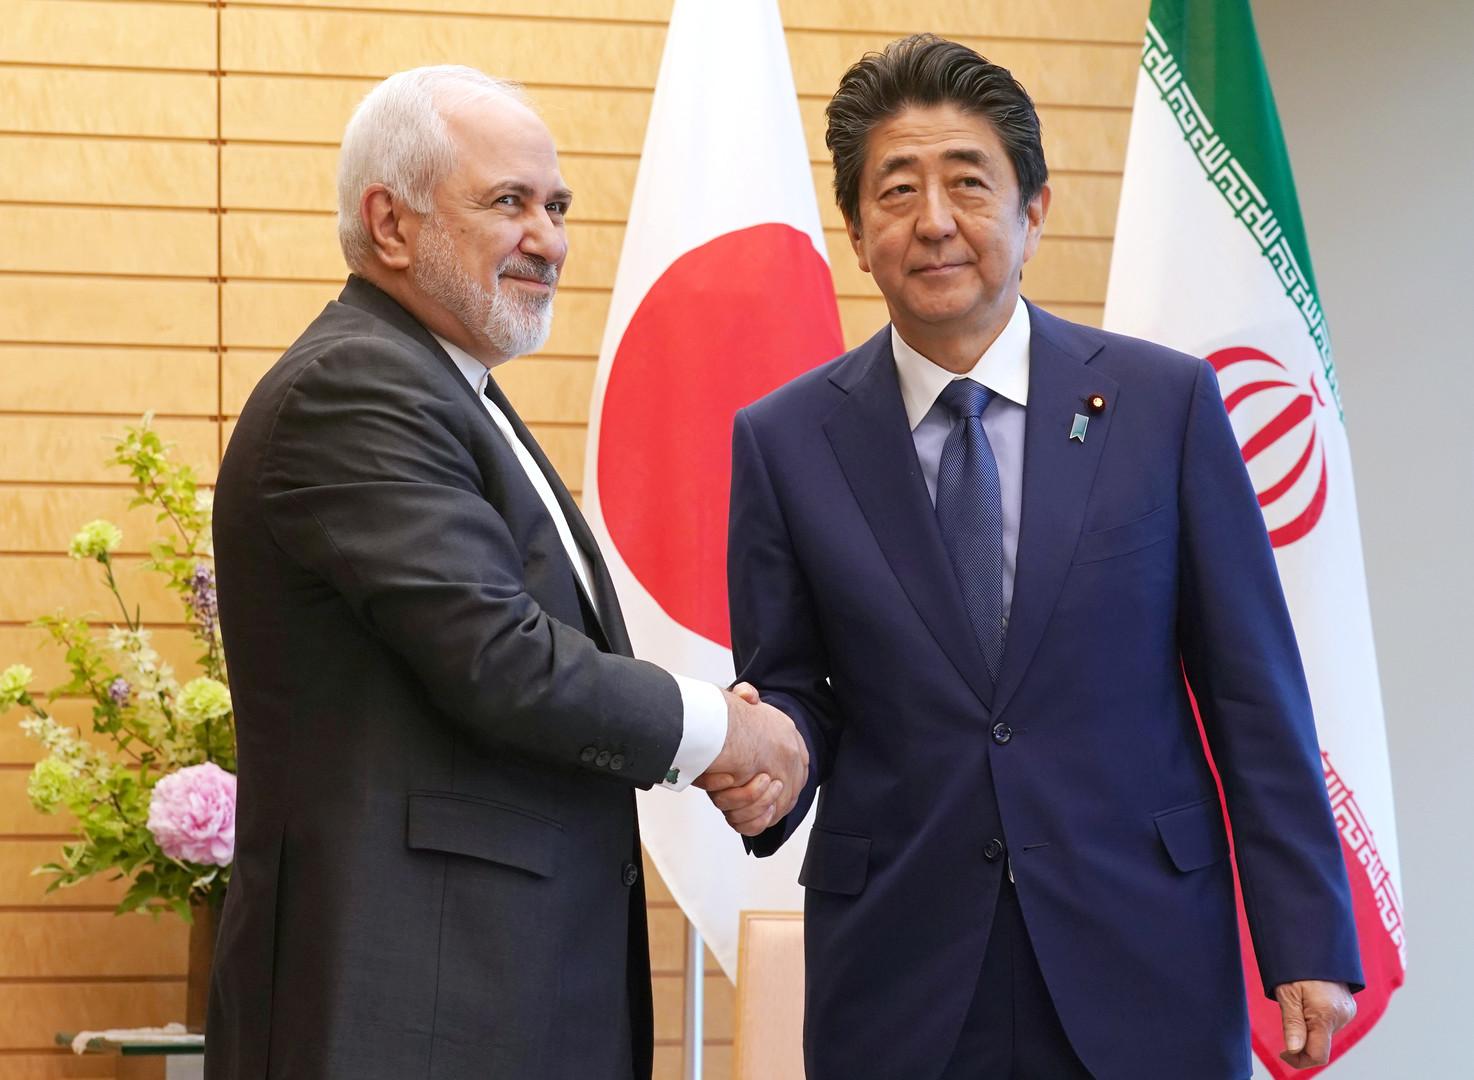 آبي لظريف: اليابان تود الحفاظ على علاقاتها الودية مع إيران